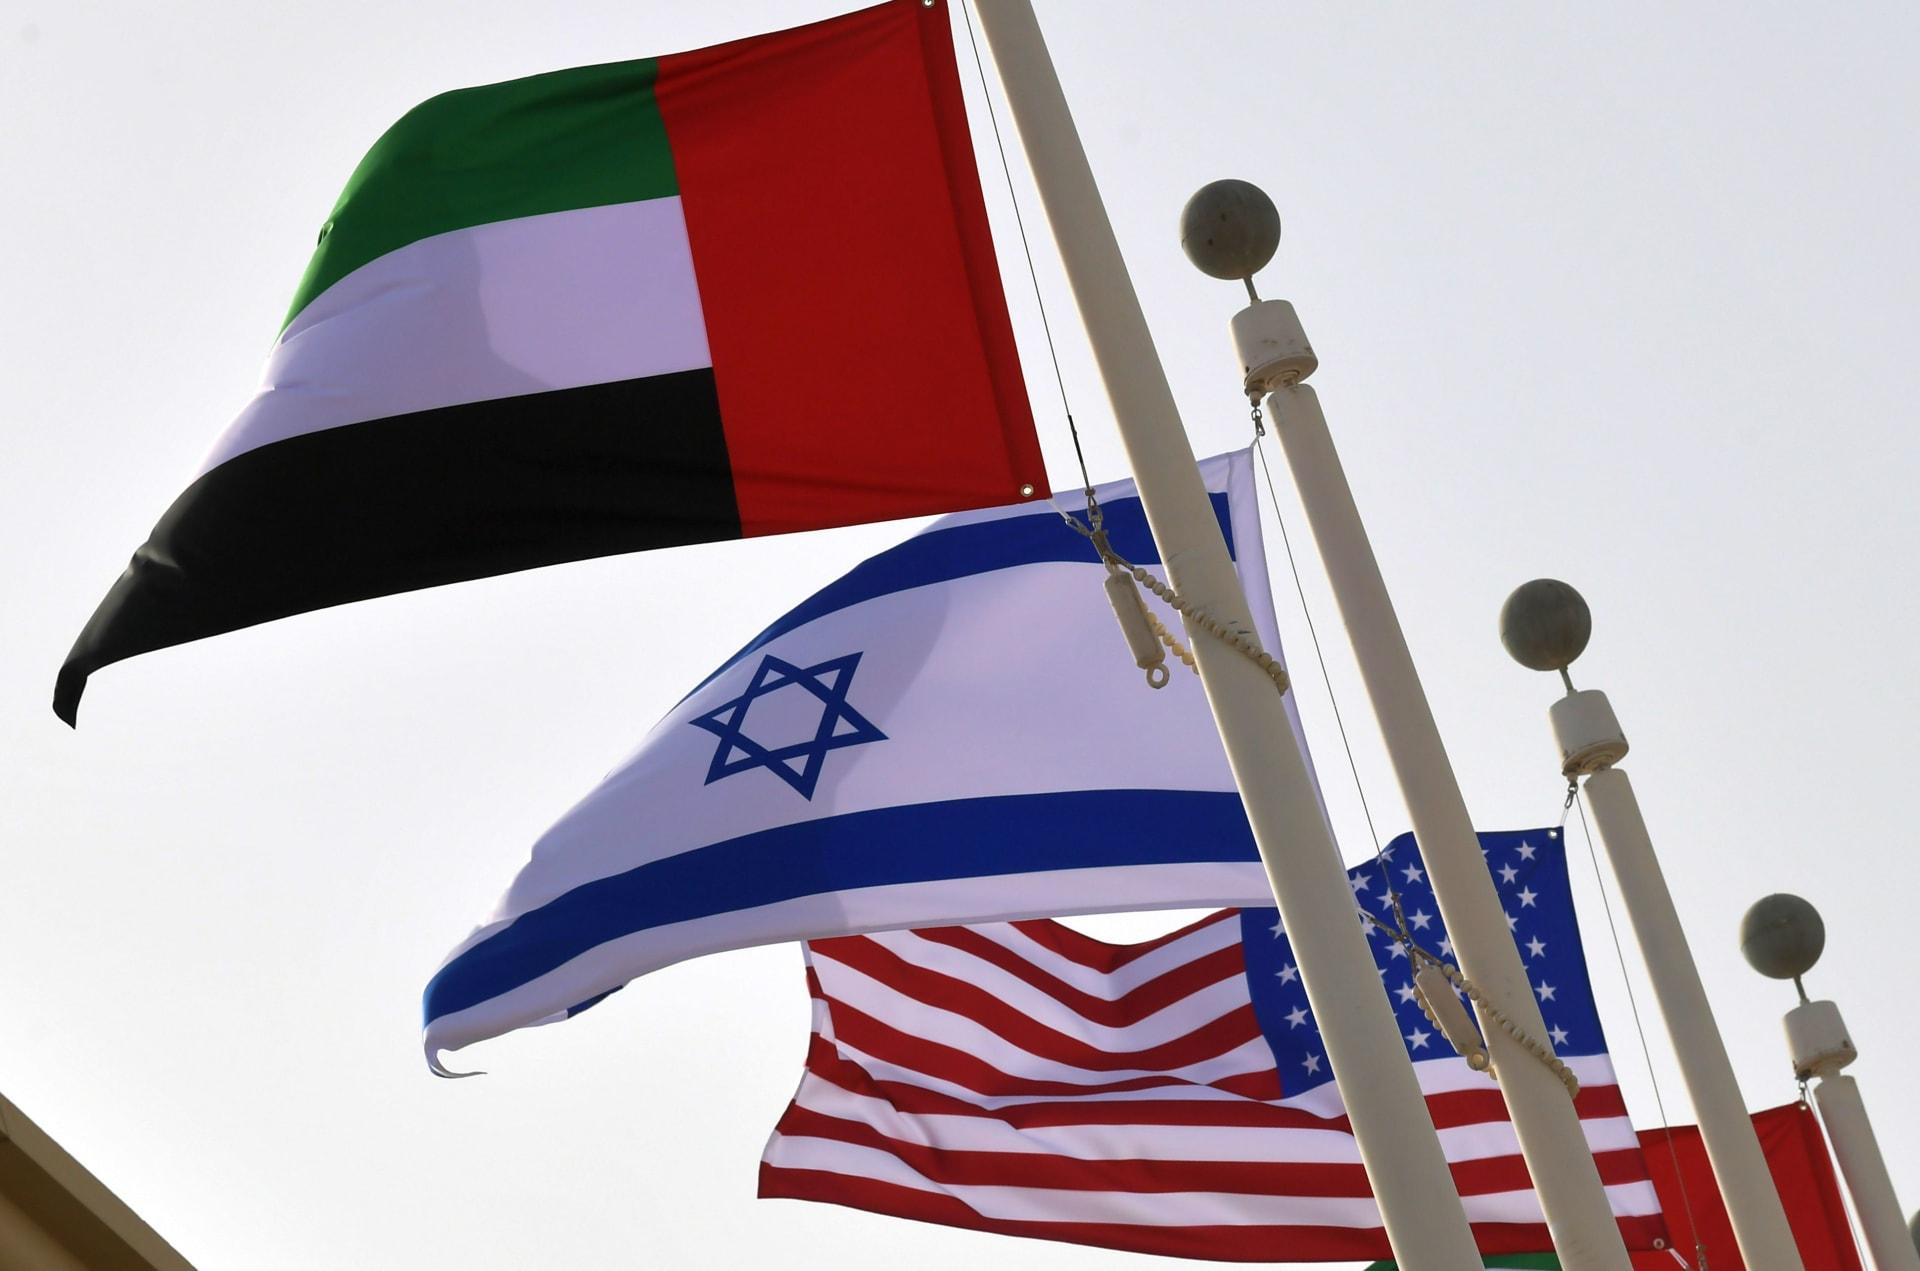 اجتماع إماراتي إسرائيلي لبحث فرض التعاون في مجال الاستثمار